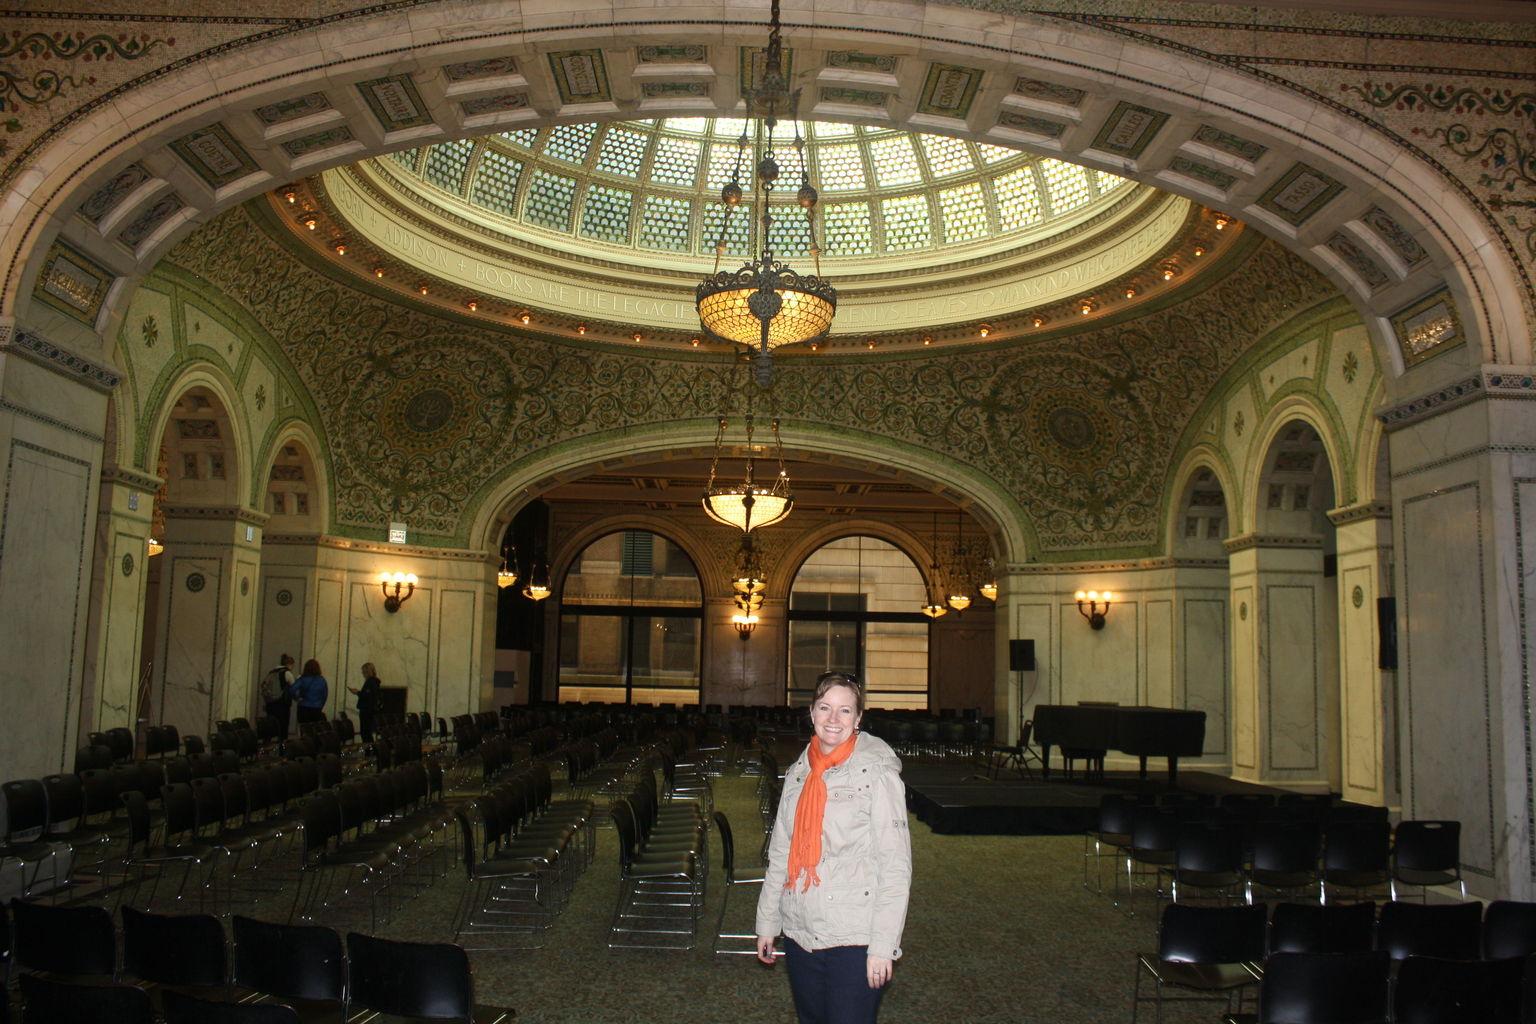 MÁS FOTOS, Recorrido a pie por Chicago: arquitectura interior del Loop y recorrido de túneles peatonales